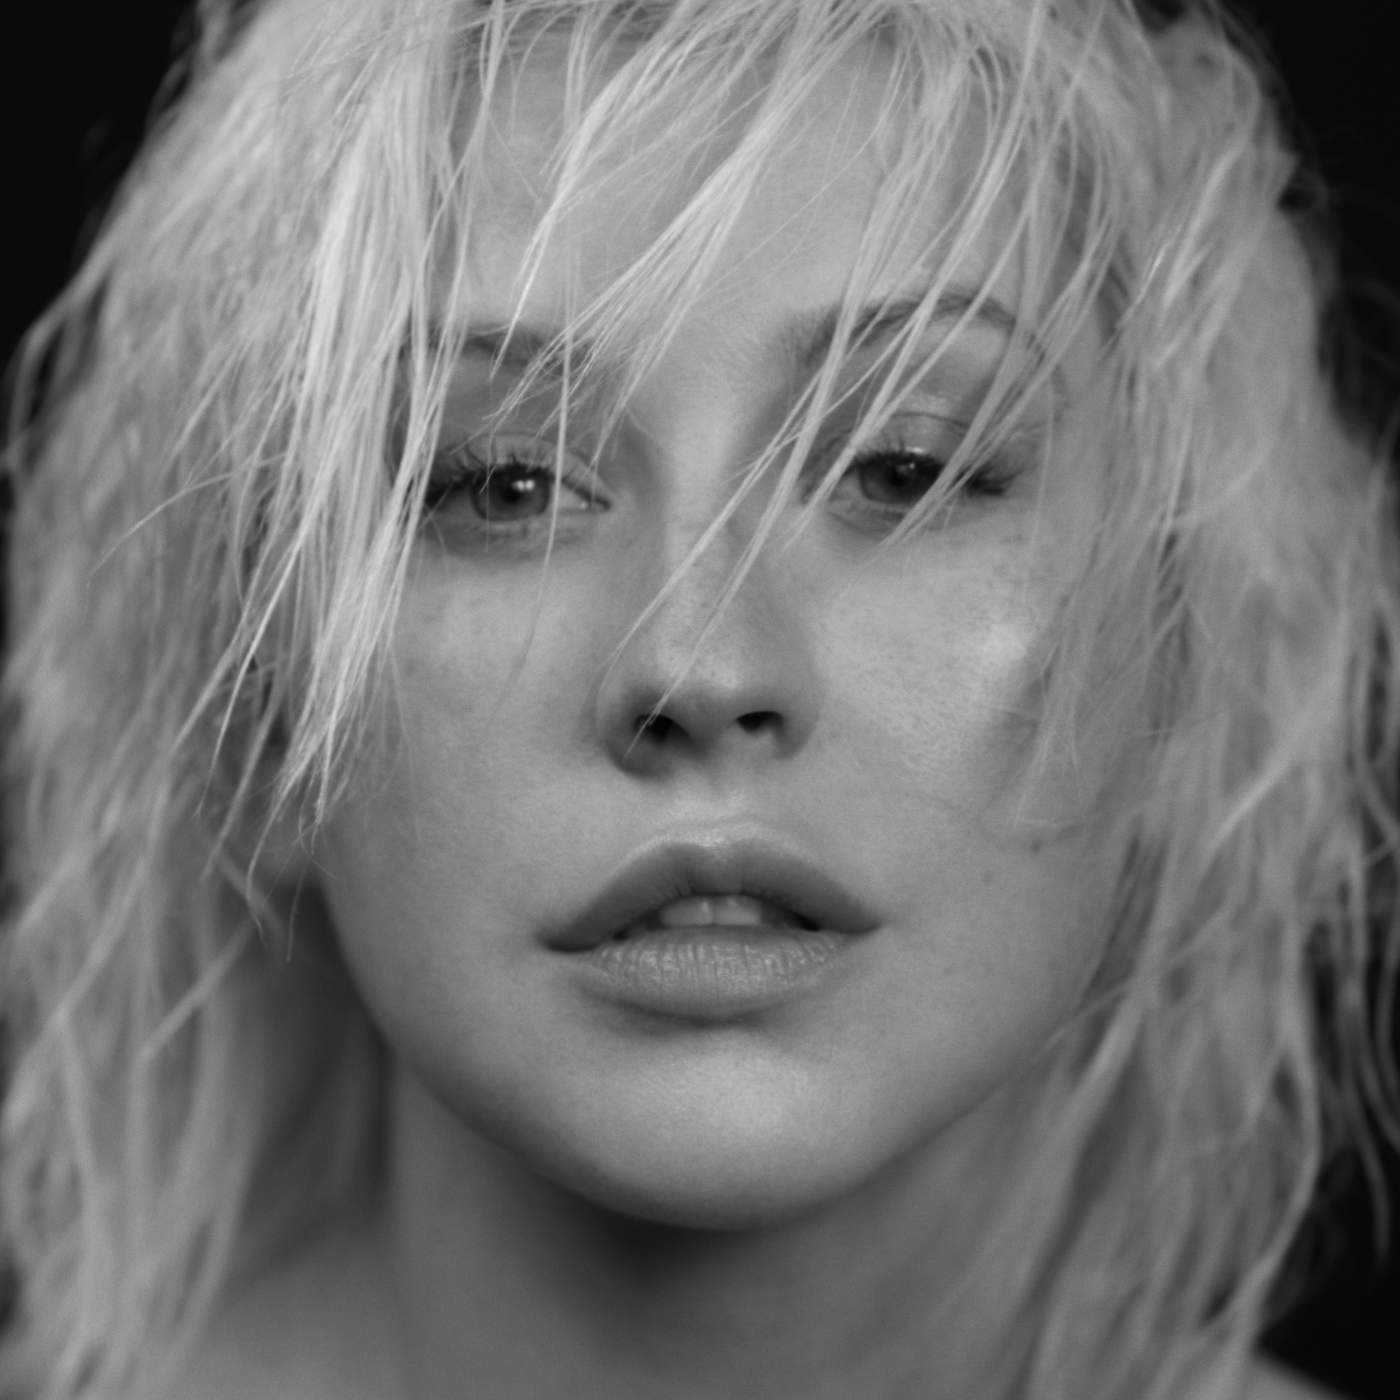 Christina Aguilera | Like I Do (feat. GoldLink) [Audio]